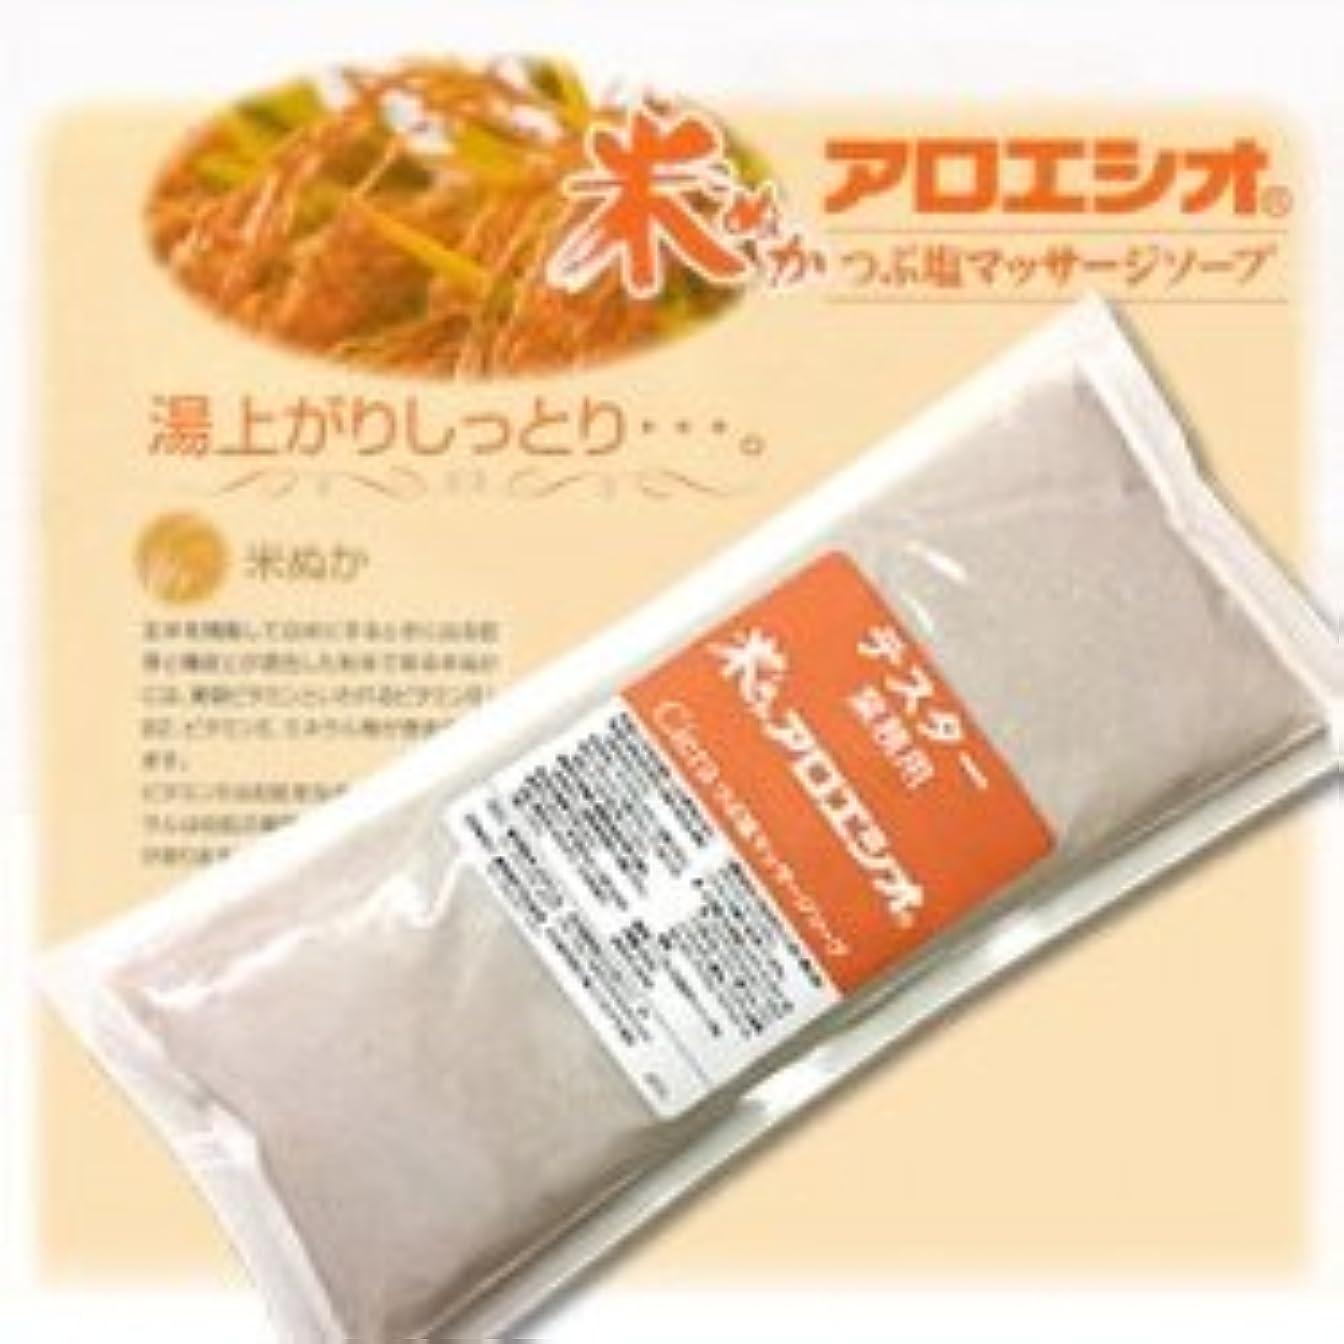 全能付き添い人残基業務用米ぬかアロエ塩 800g つぶ塩マッサージソープ/ フタバ化学 アロエシオ Ciera